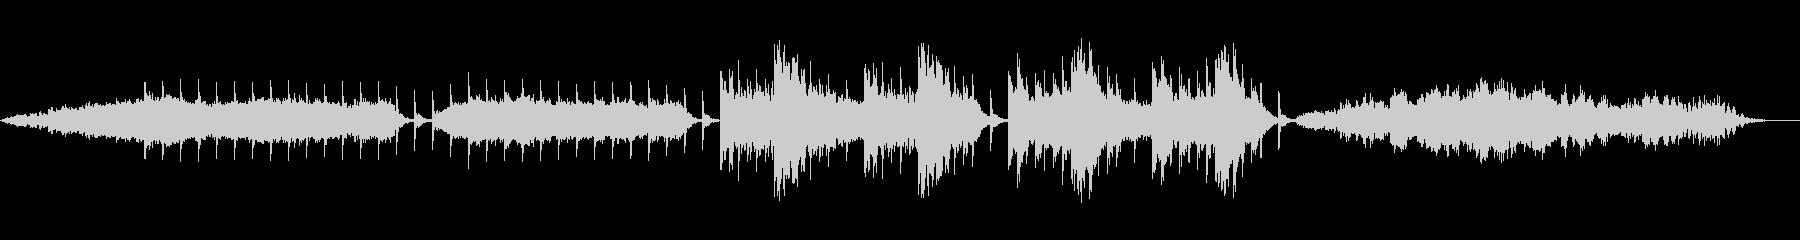 不穏なホラーBGM 後半 フル有の未再生の波形